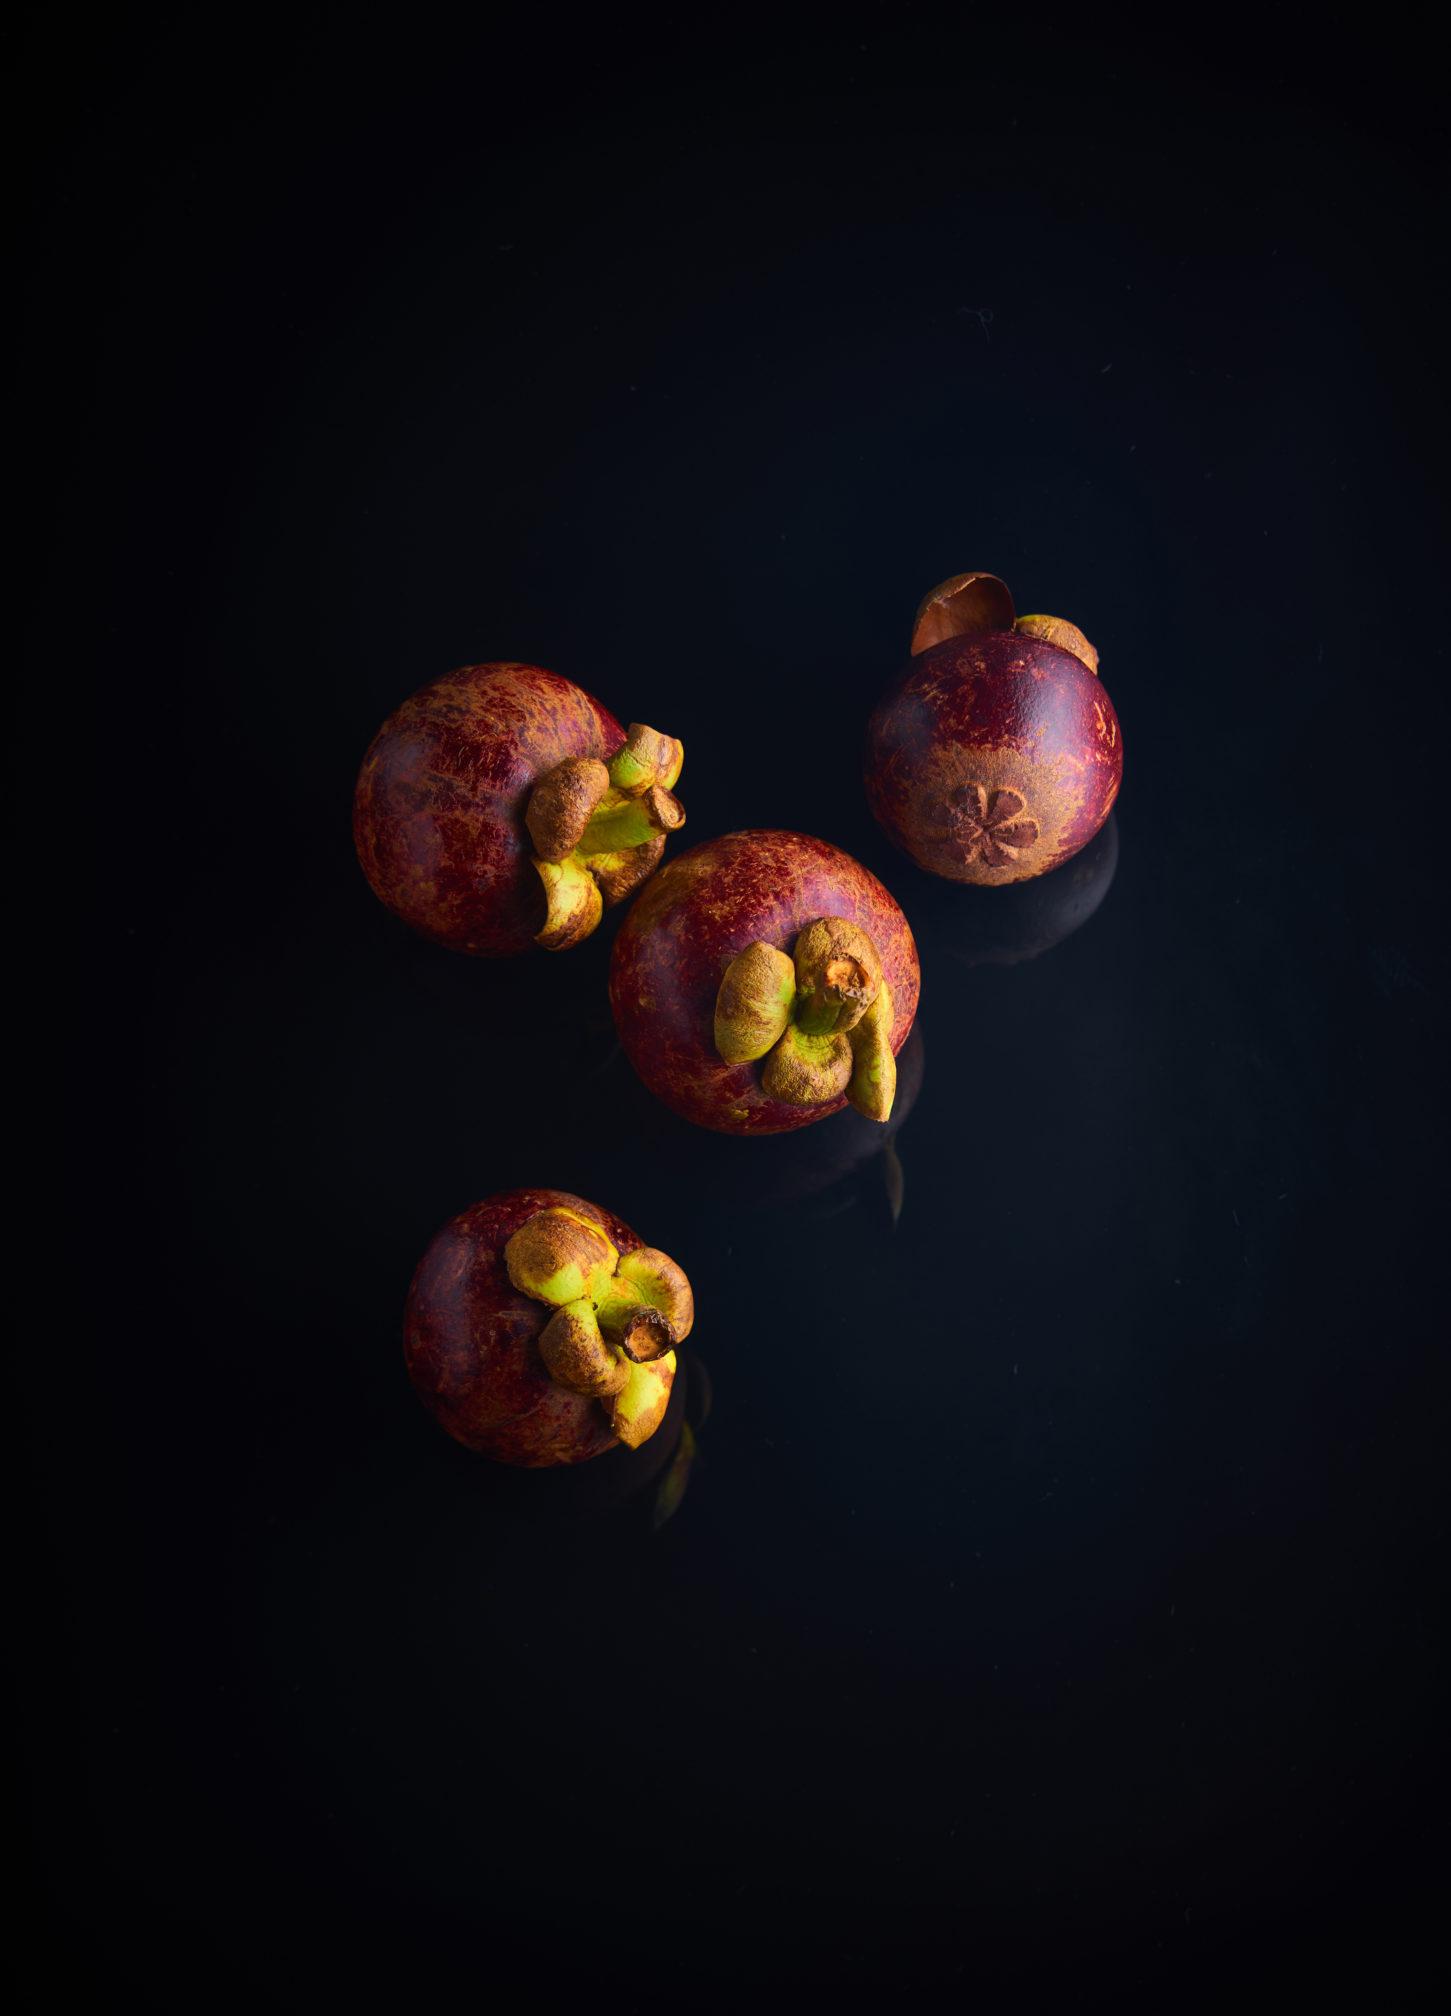 capexo-lilot-fruits-exotique-mangoustan-Vietnam-Indonésie-Thaïlande